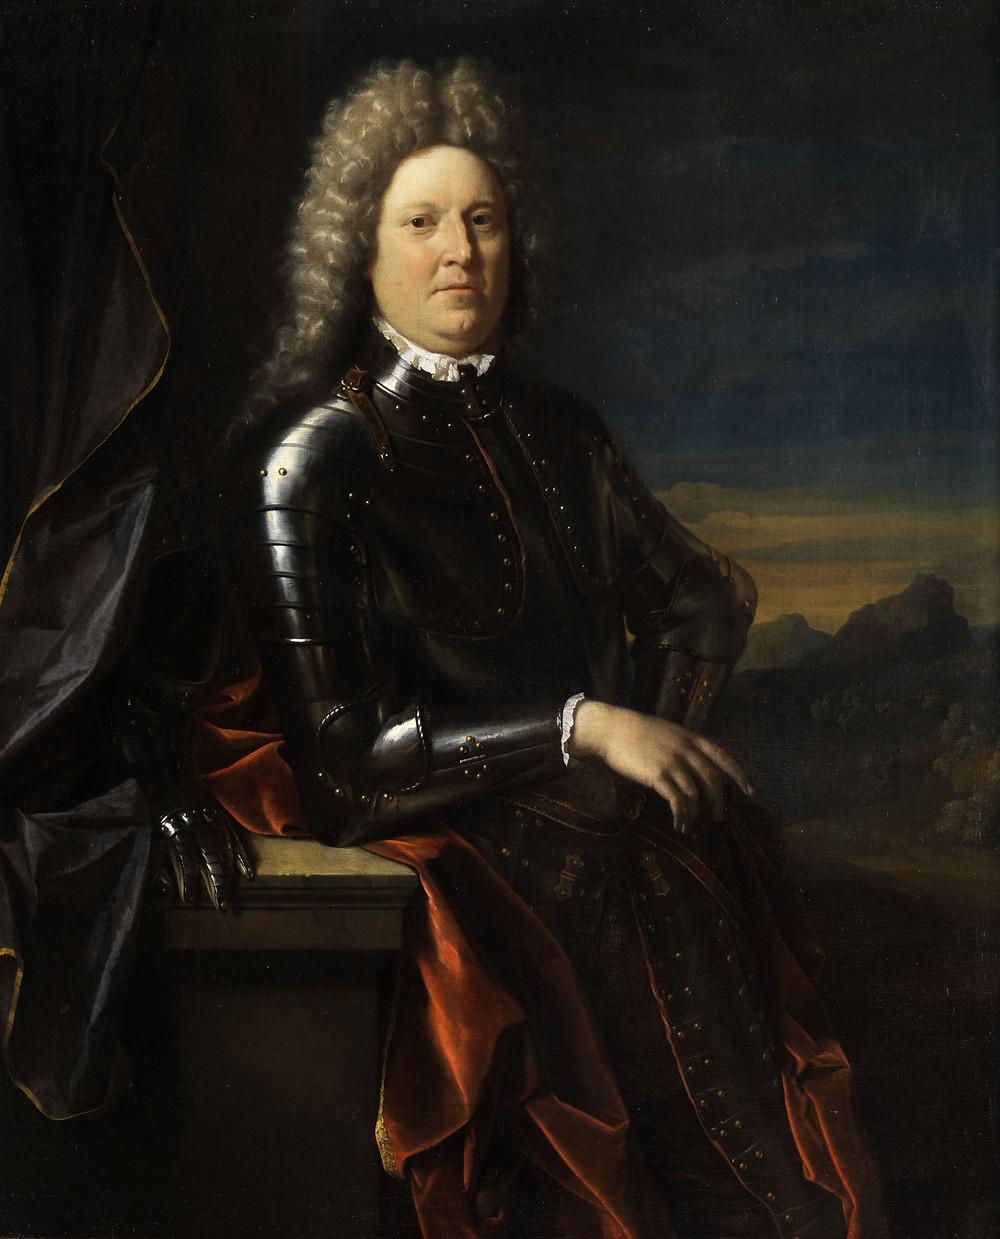 Duke of Schomberg. Portrait Friedrich von Schomberg/Schönberg (1615–1690) by Adriaen van der Werff (1659-1722). Wikimedia Commons.